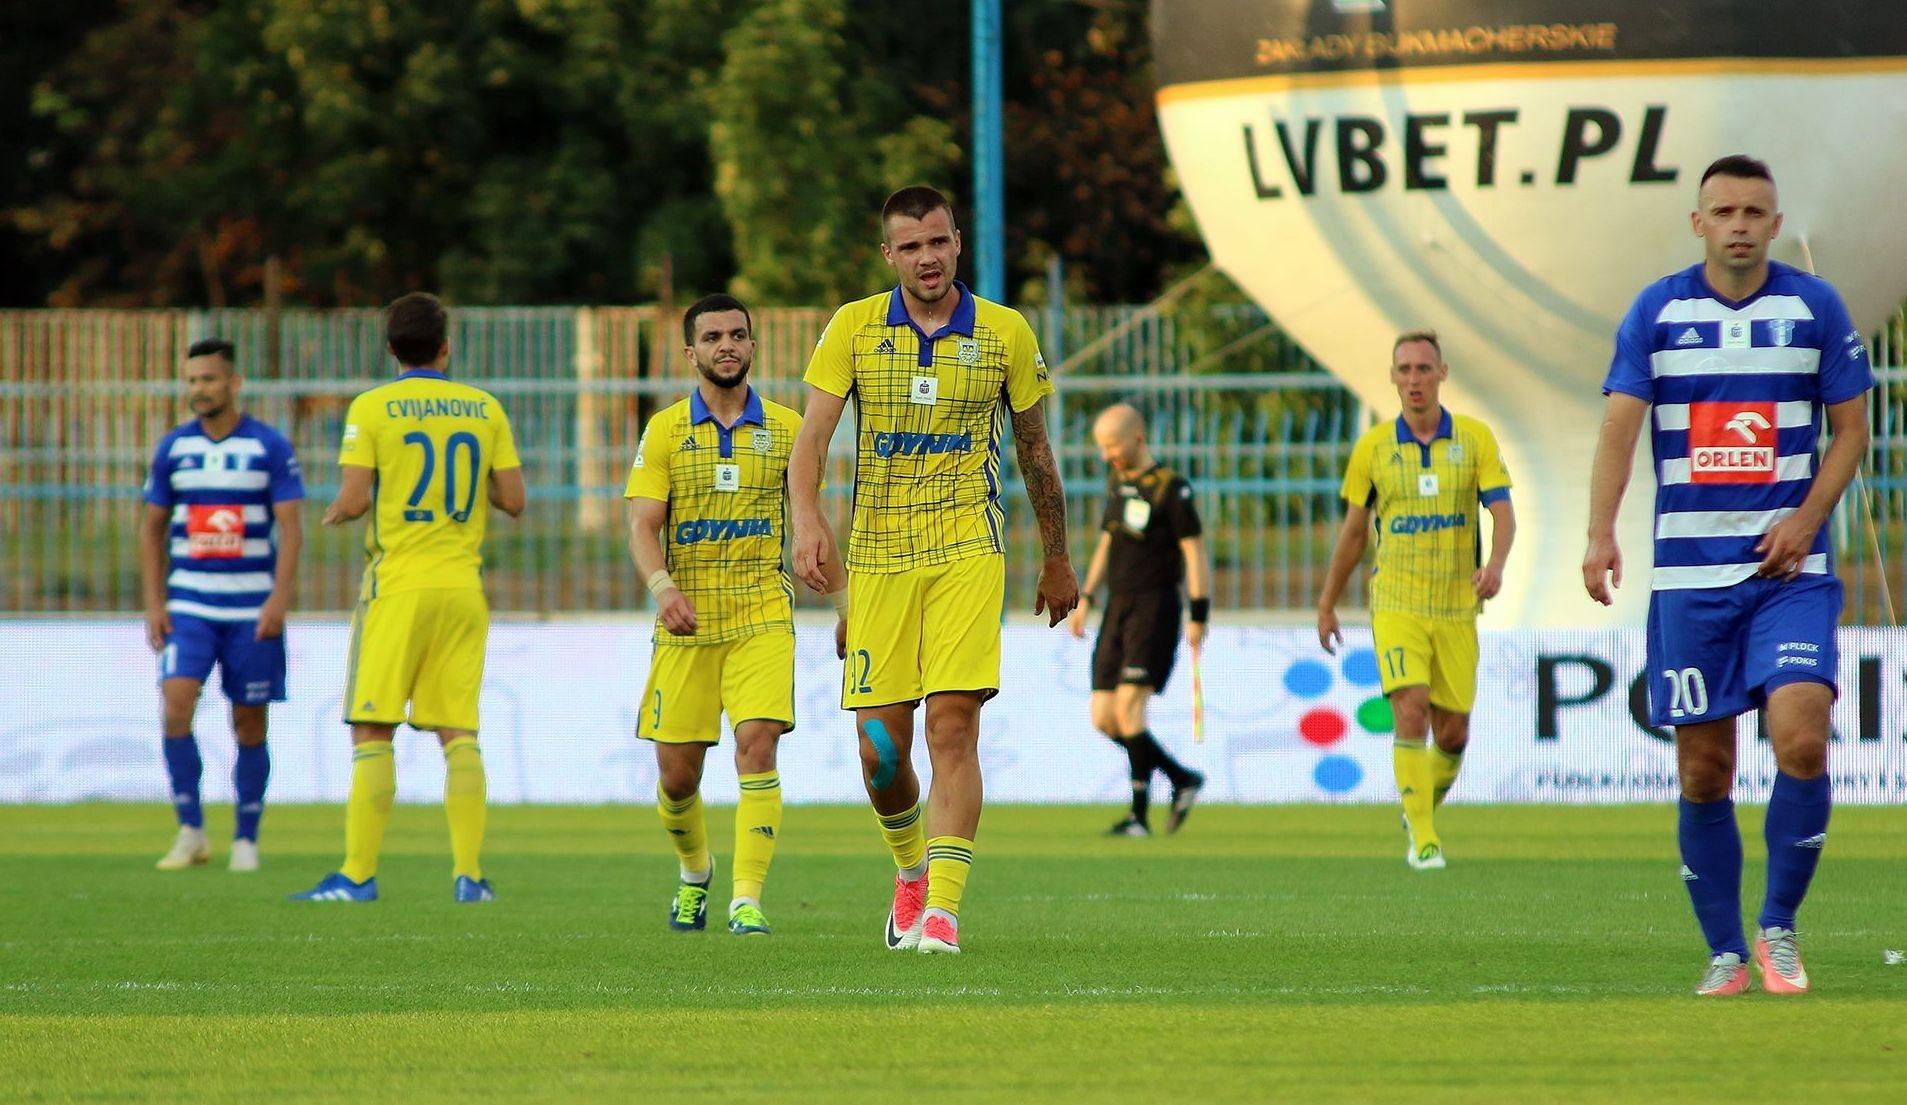 Българският нападател Александър Колев отбеляза първия си гол за своя